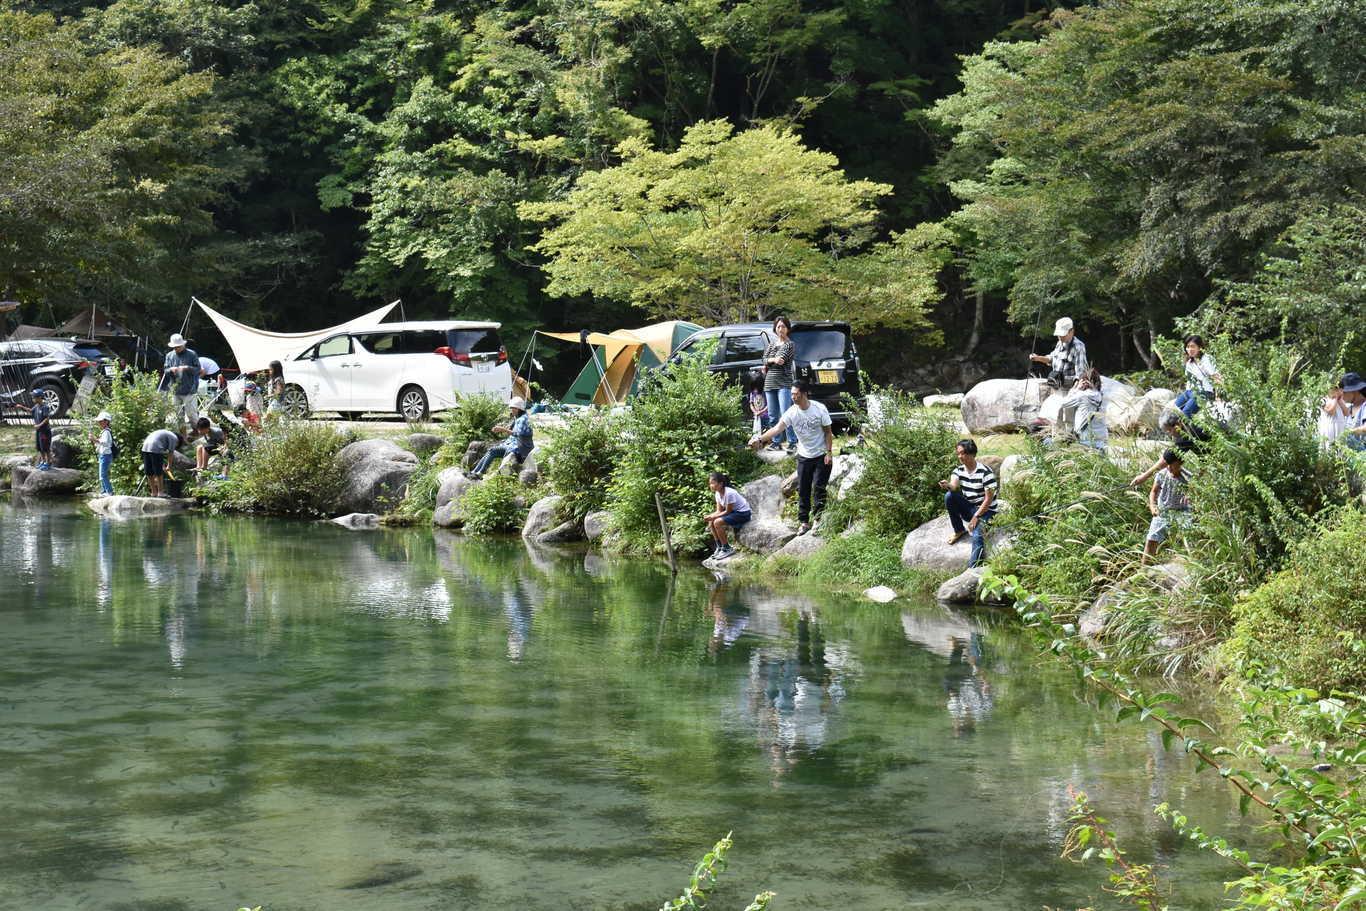 ウェルキャンプ西丹沢 の公式写真c933